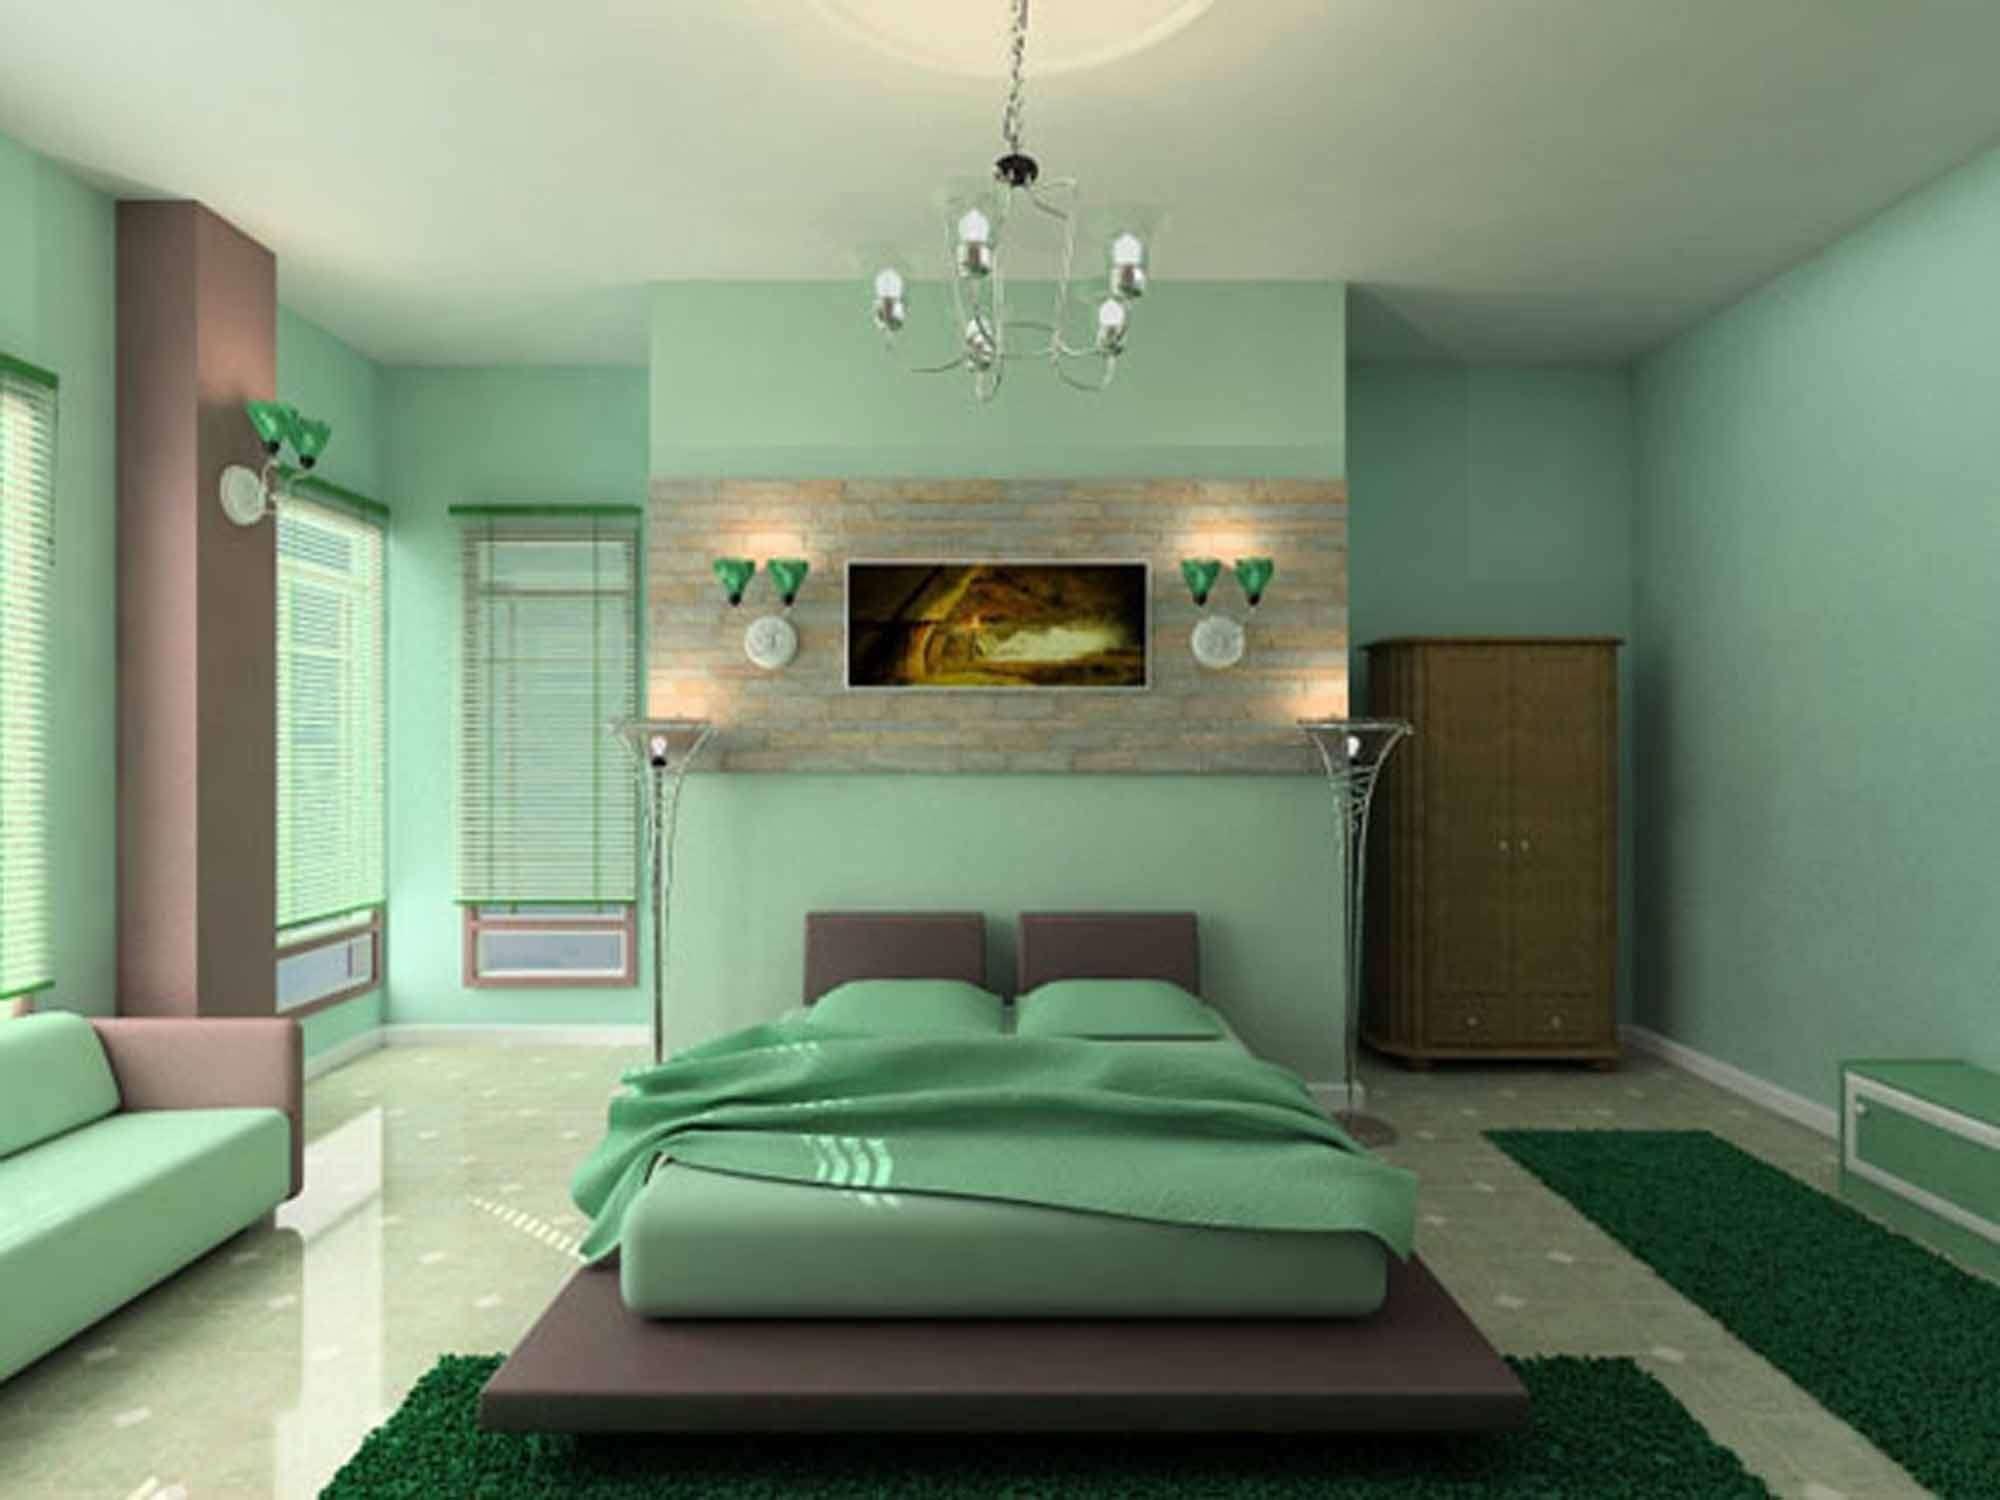 Дизайн спальни в зеленом цвете фото 2014 современные идеи